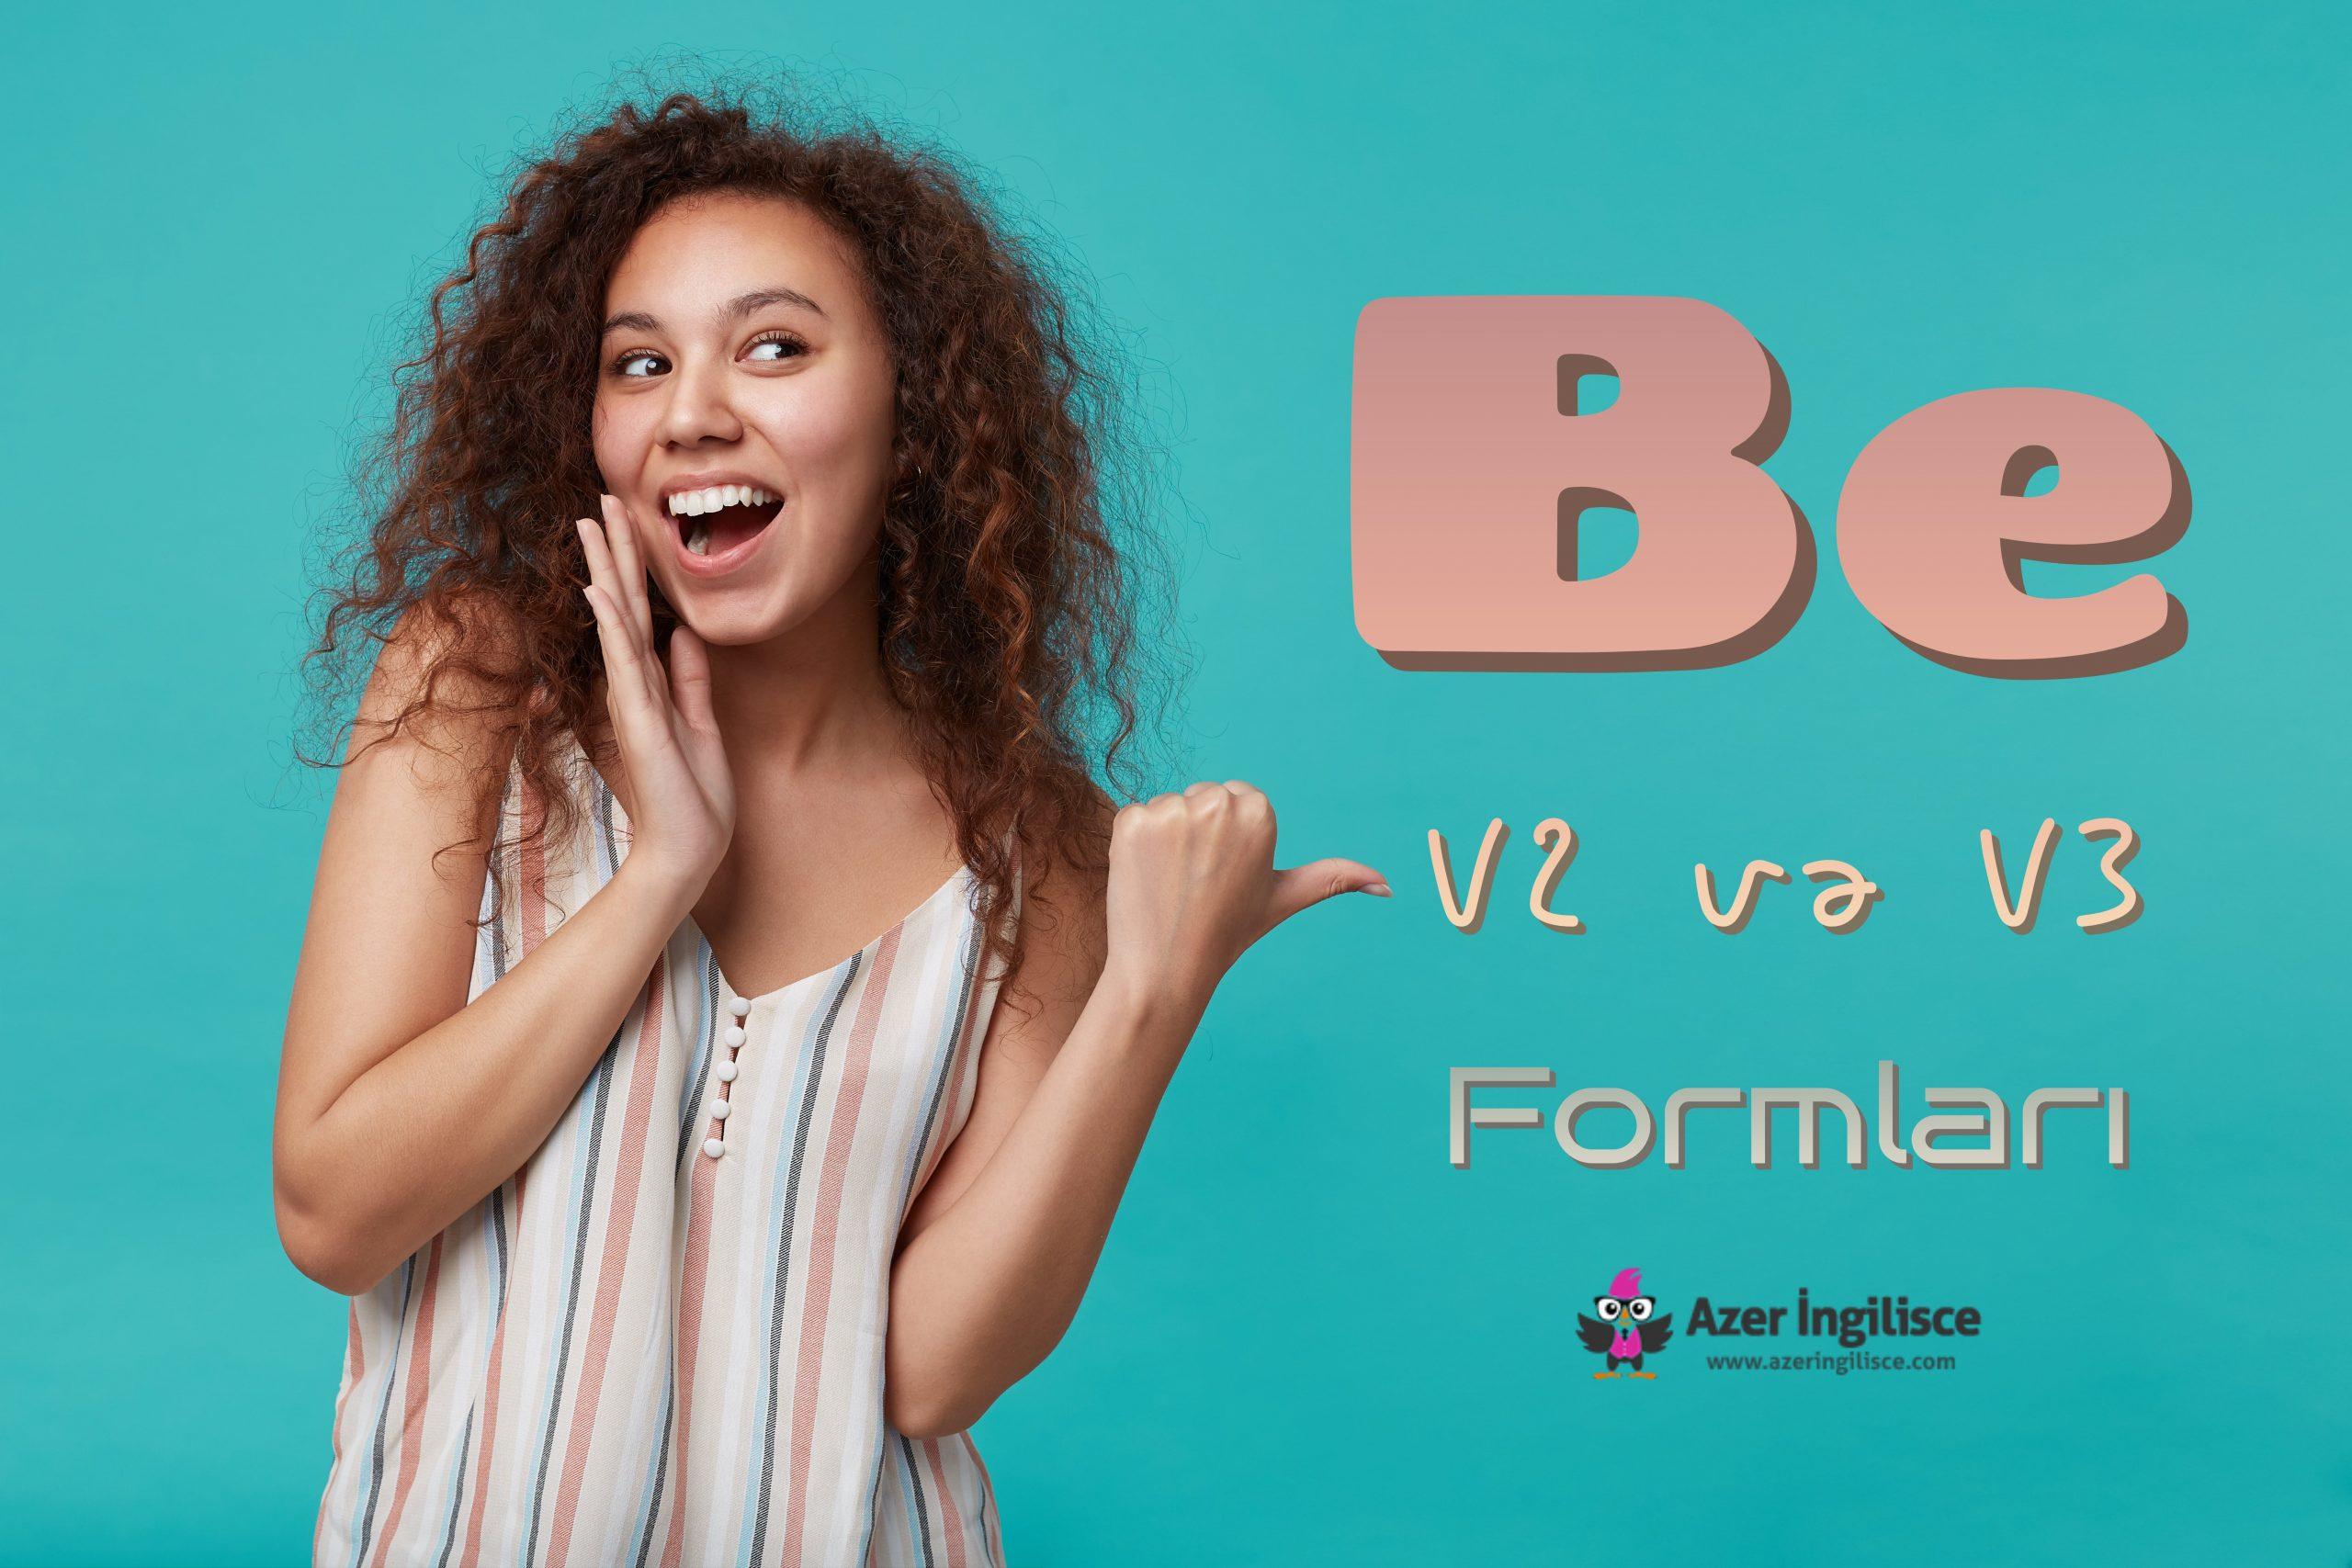 be felinin v2 və v3 formları